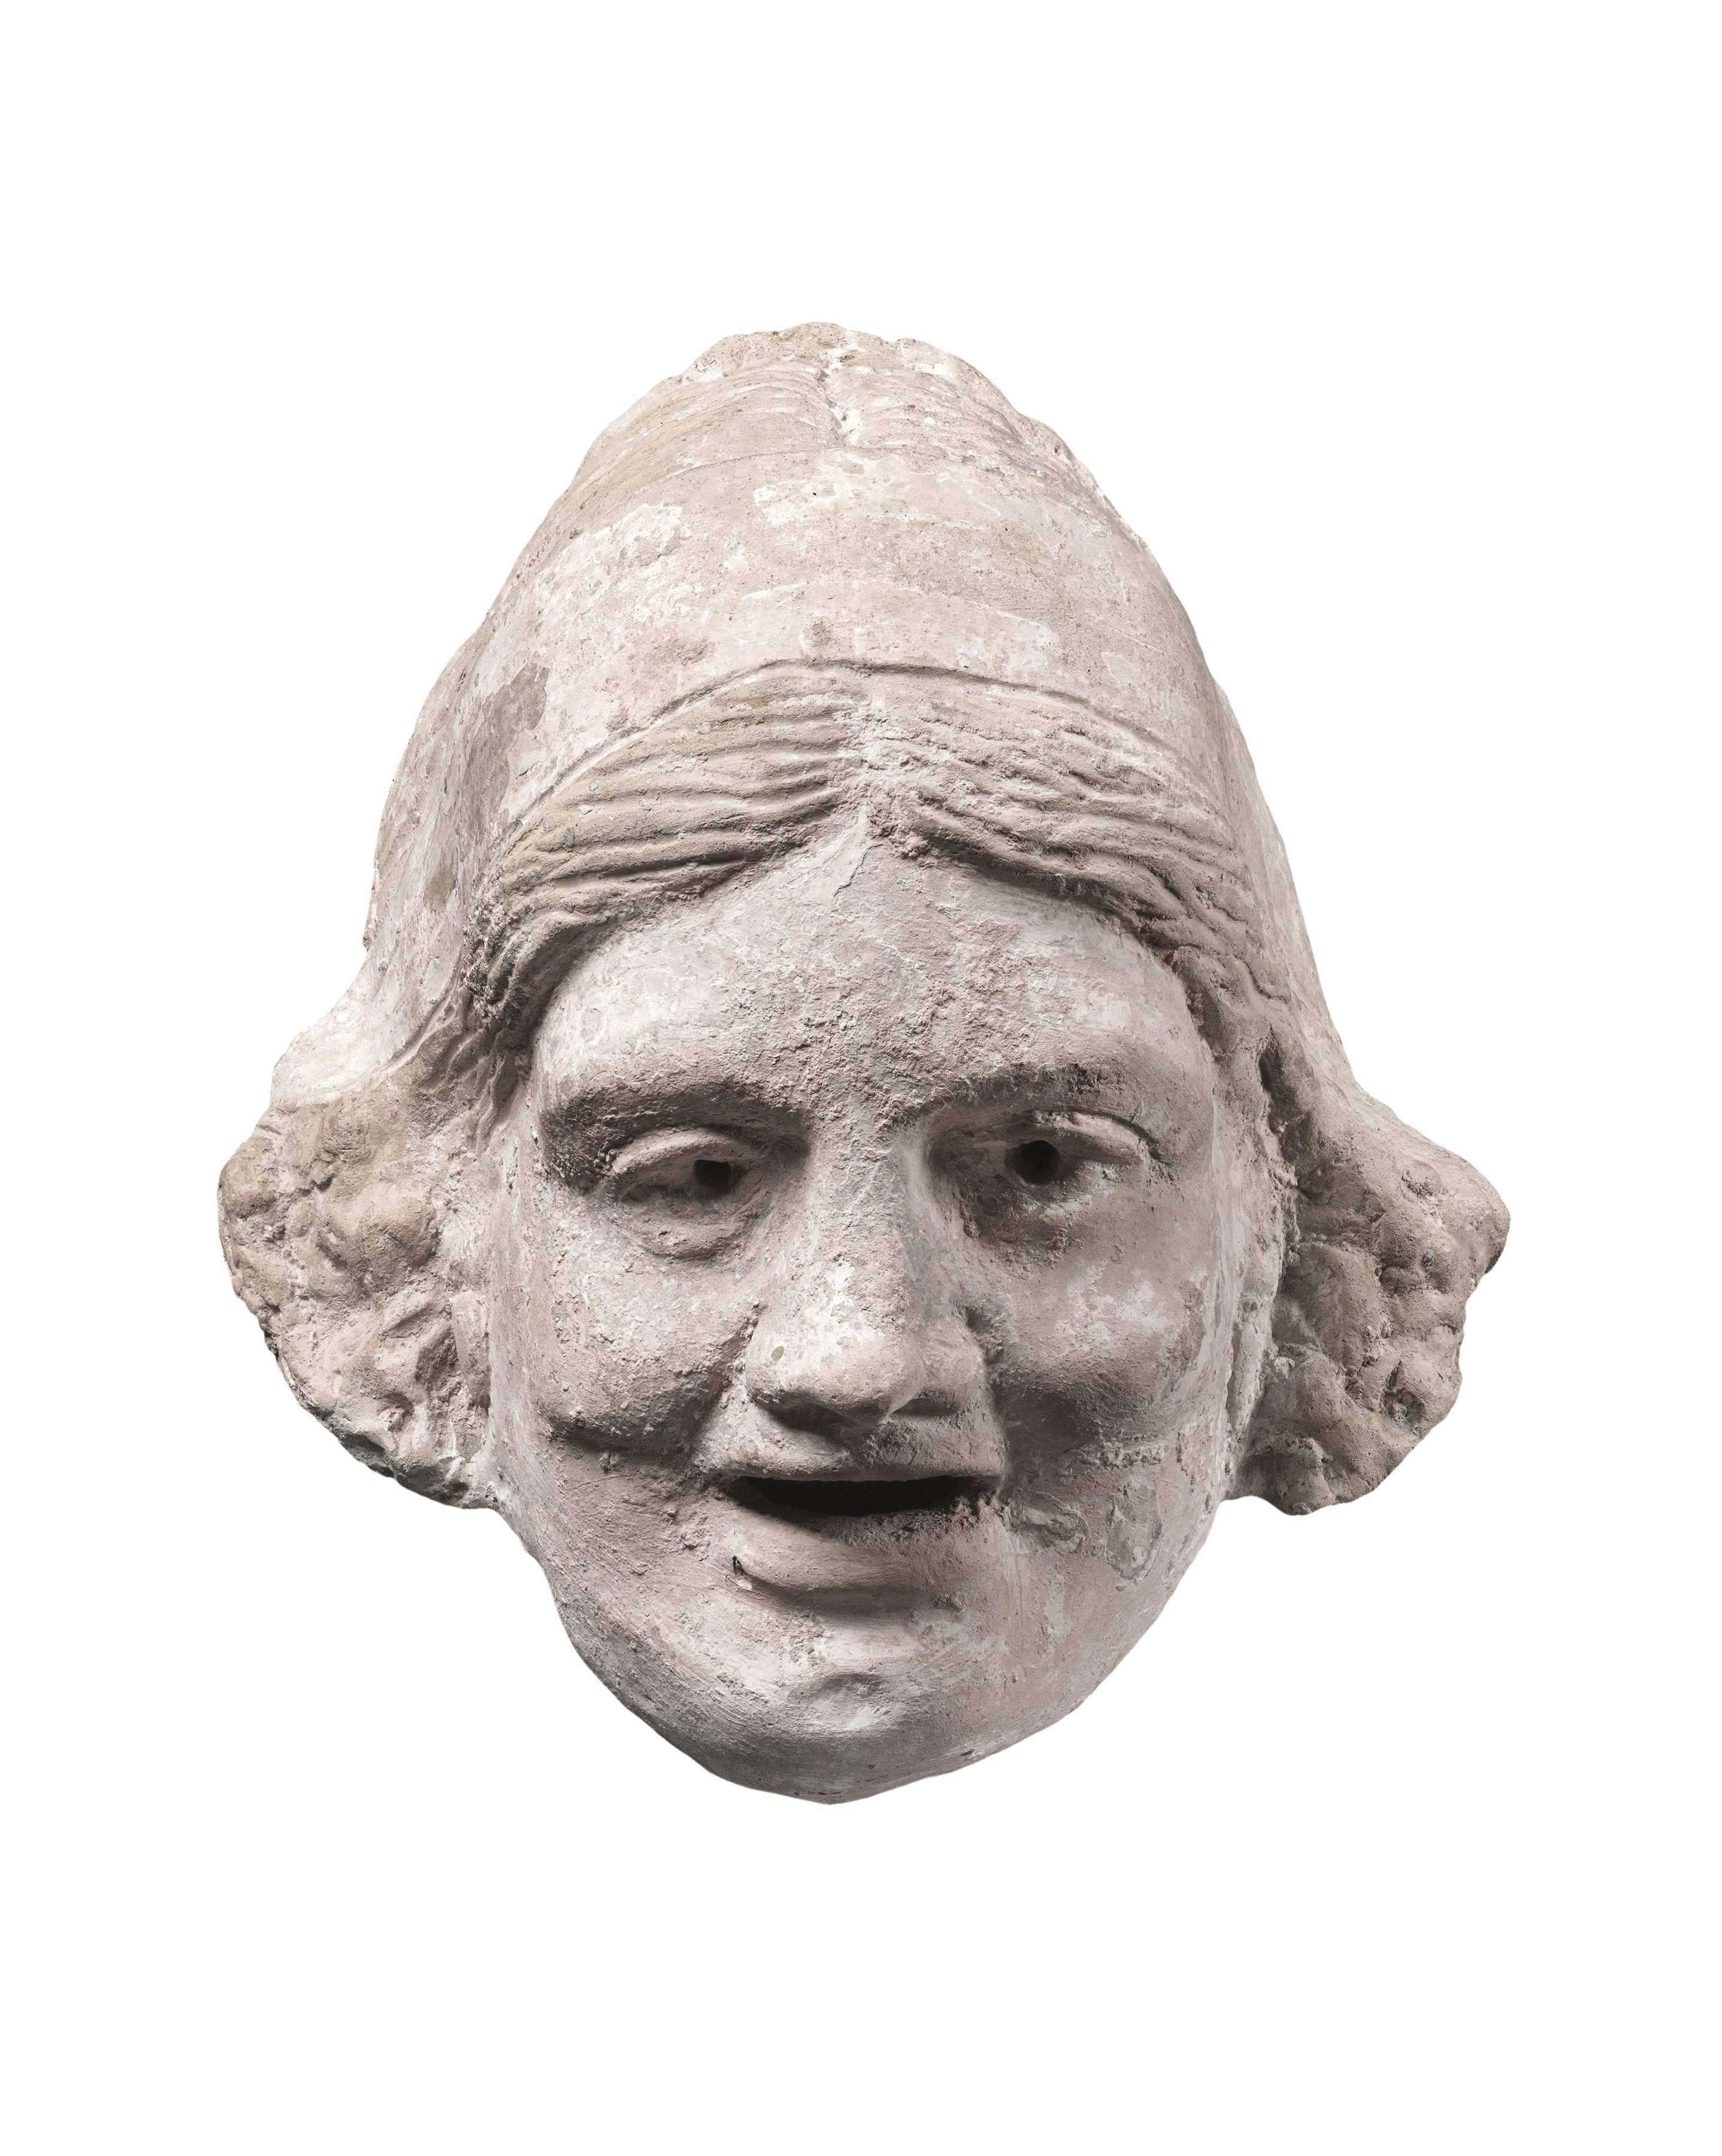 Masque d'une courtisane pour la comédie dans la Grèce antique, IIe siècle av. J.-C., Museum of Fine art, Boston.